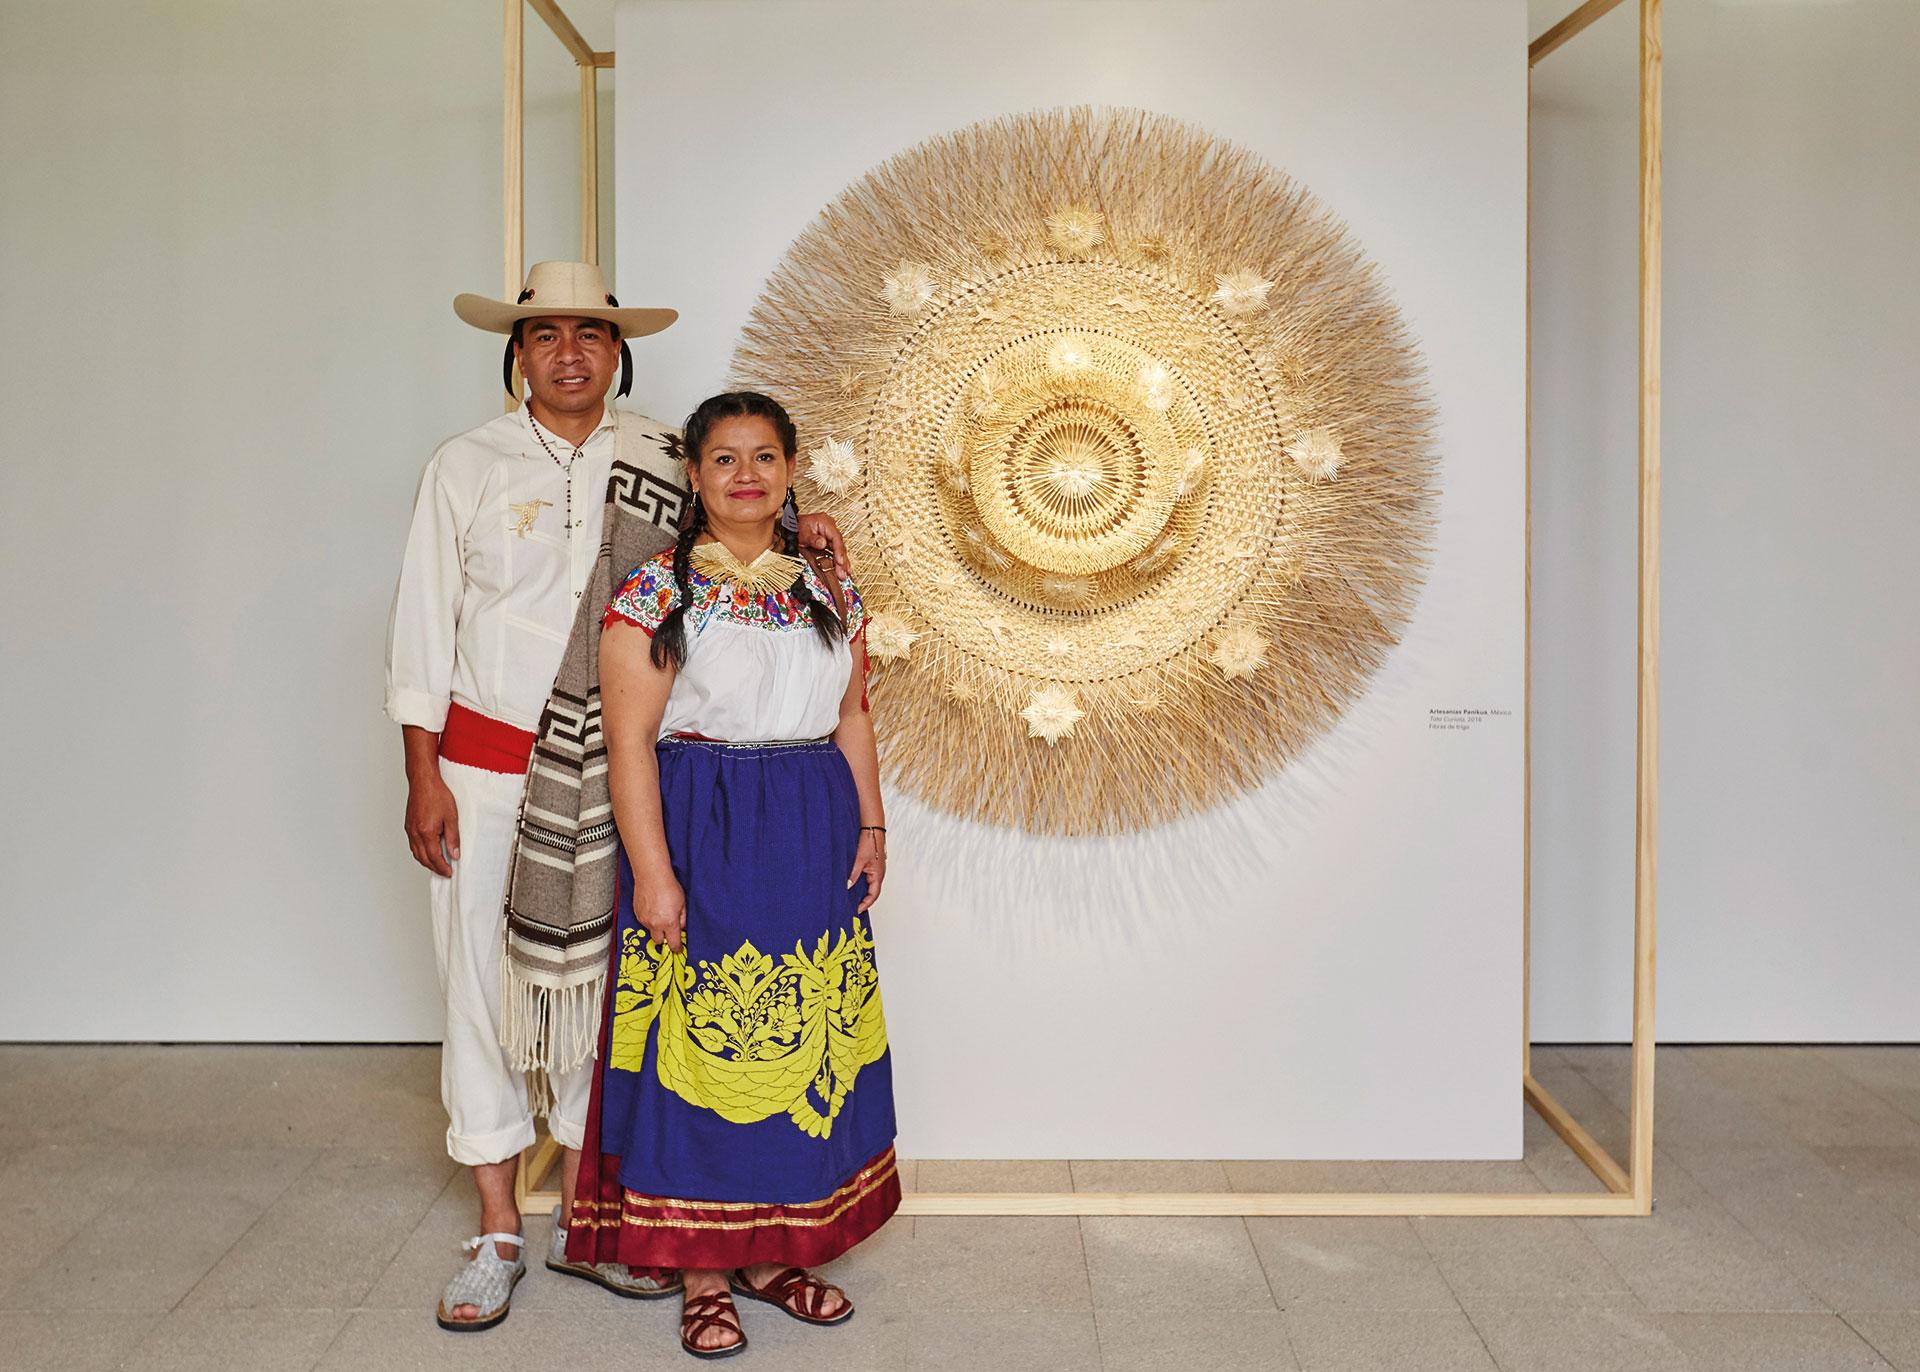 Loewe Craft Prize, Artesanias Panikua, Mexiko,